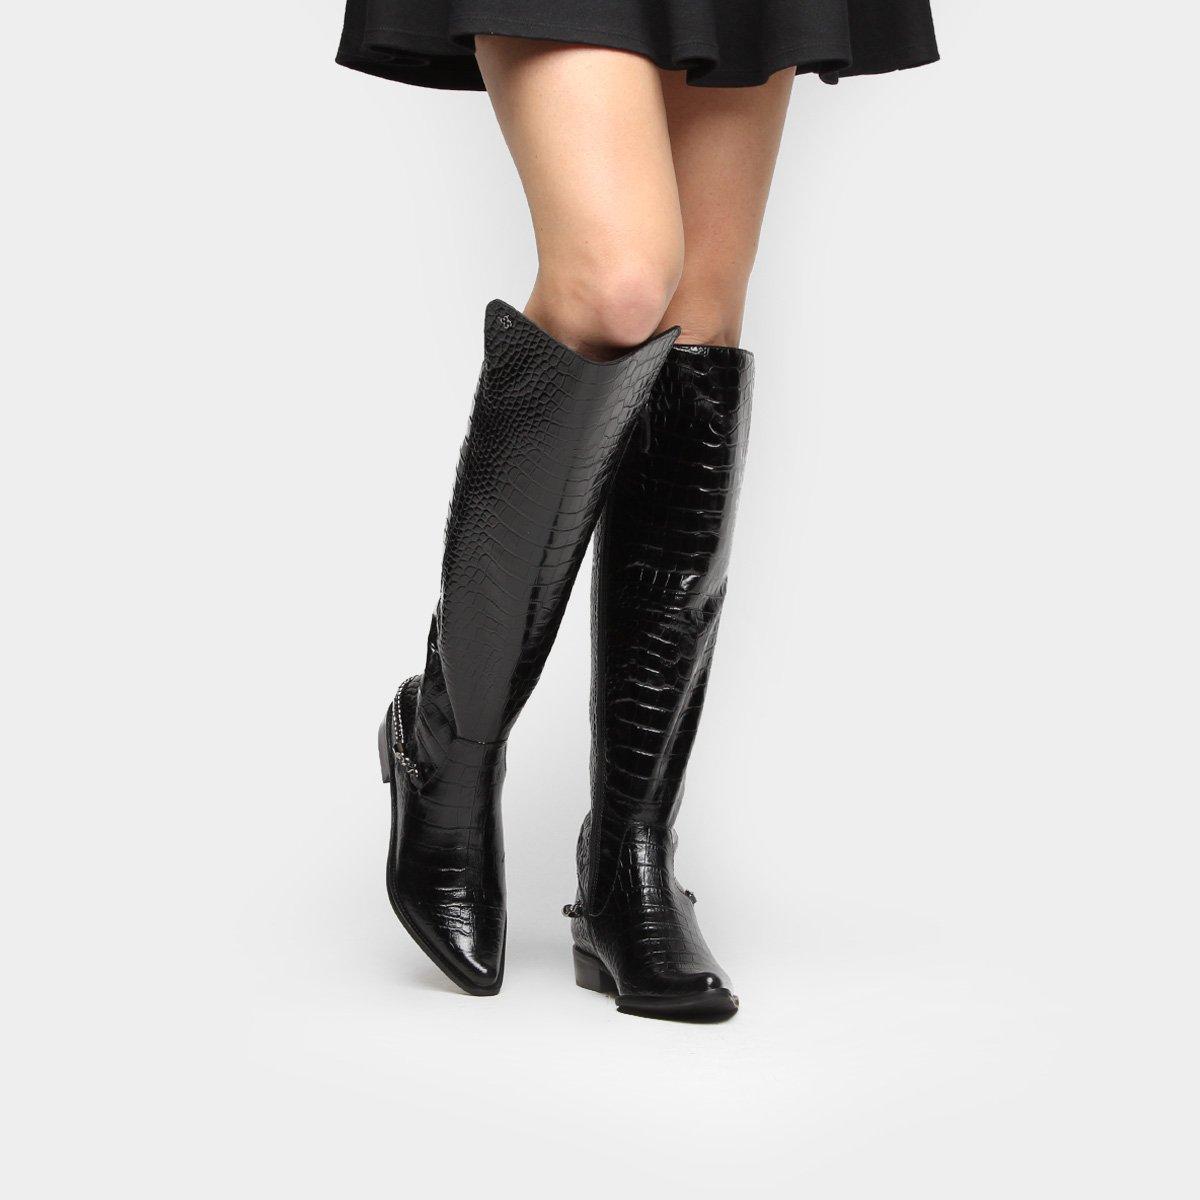 f61e4b68e Bota Capodarte Over Knee Croco Corrente - Compre Agora | Zattini